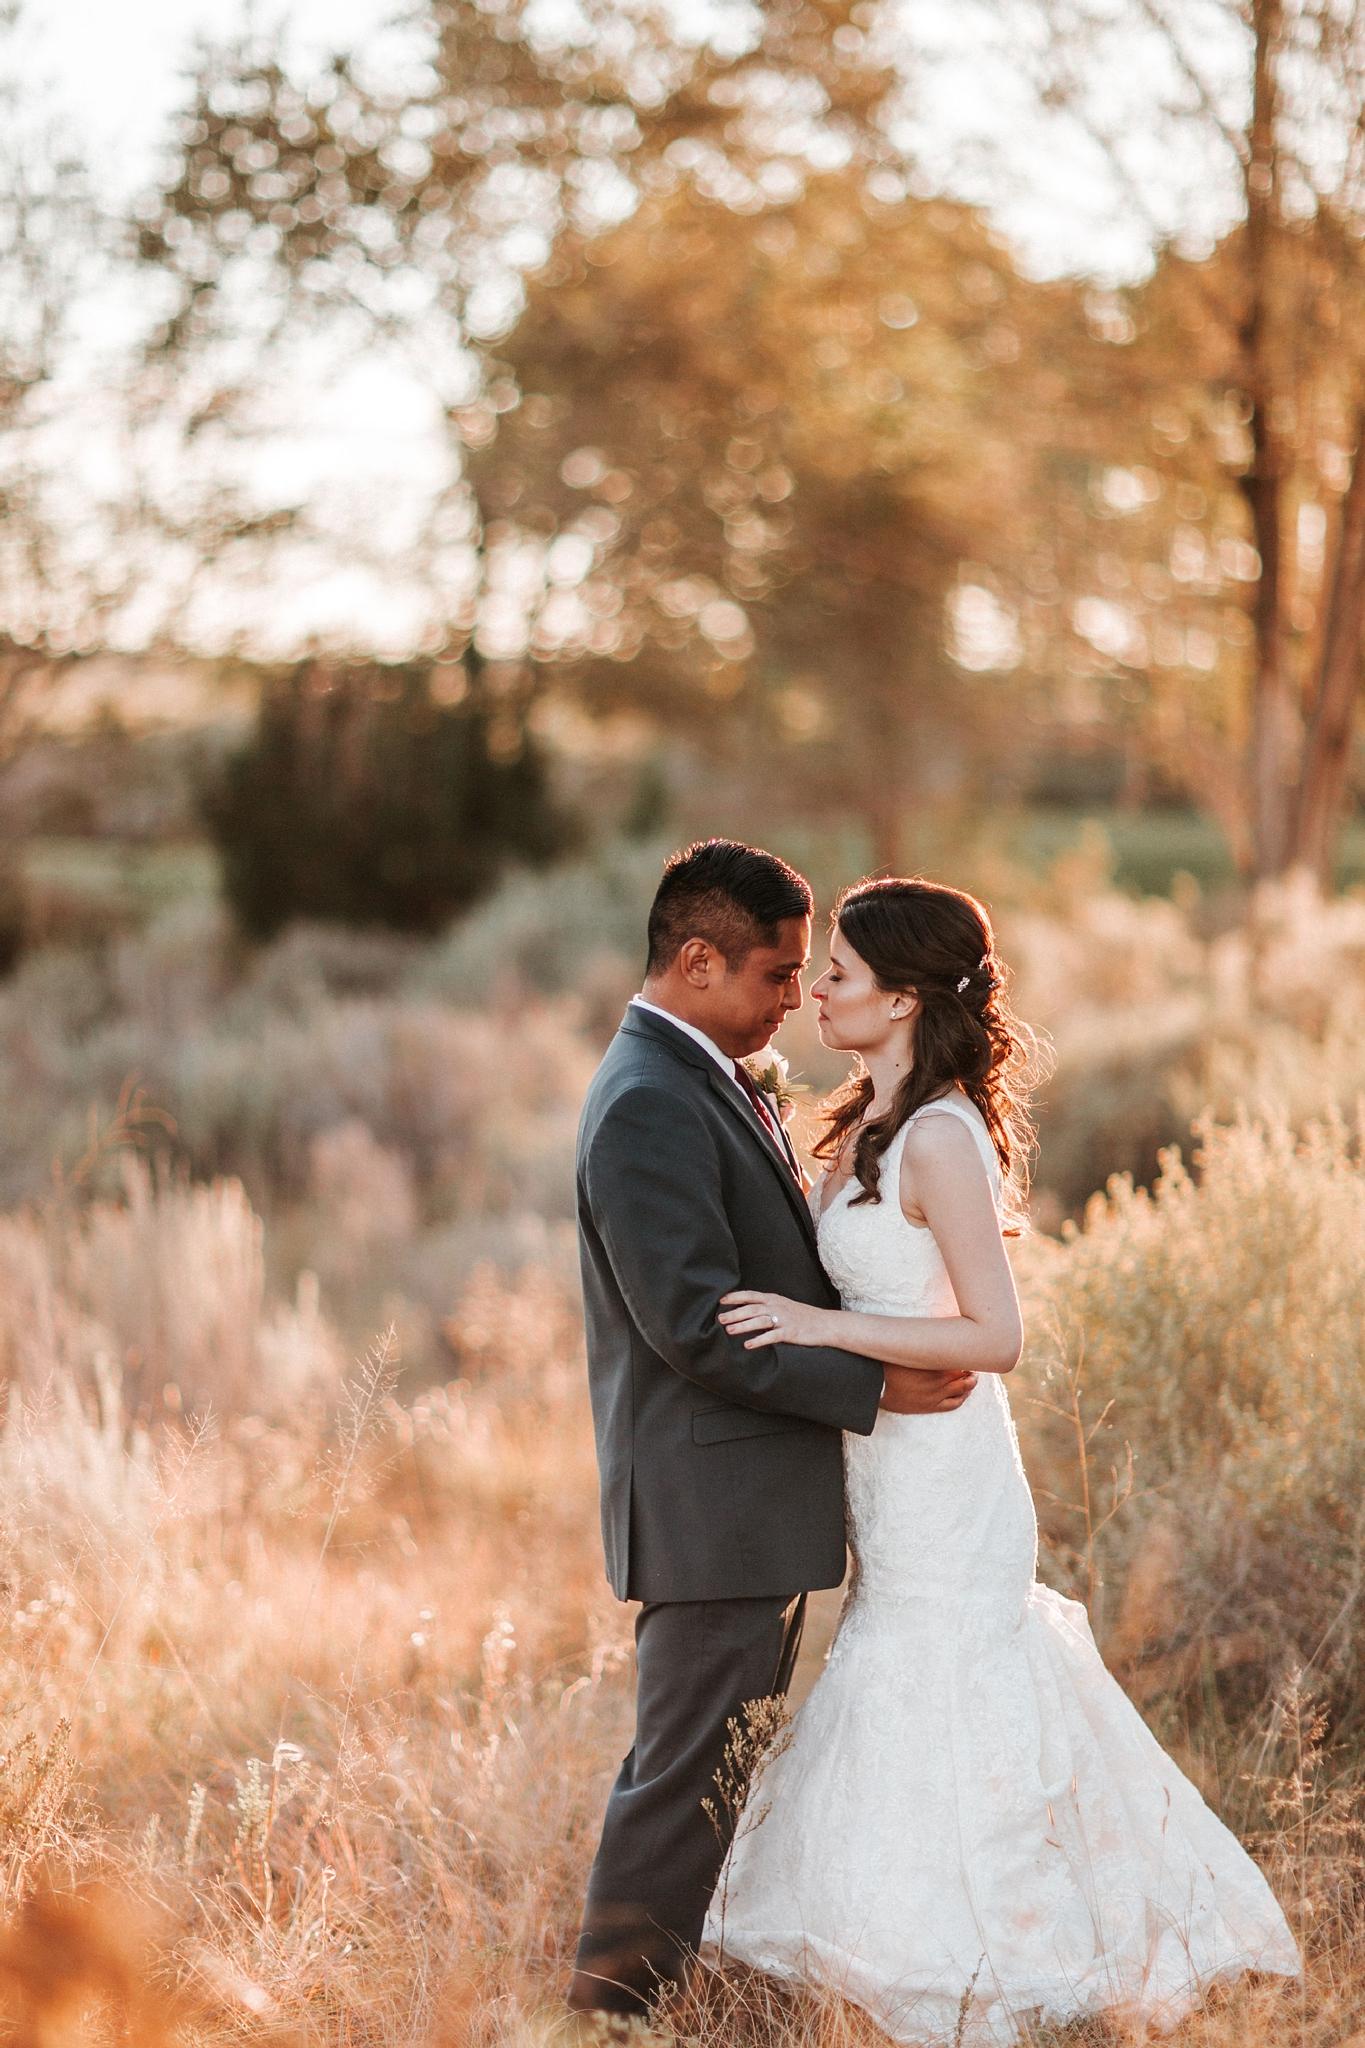 Alicia+lucia+photography+-+albuquerque+wedding+photographer+-+santa+fe+wedding+photography+-+new+mexico+wedding+photographer+-+new+mexico+wedding+-+wedding+vows+-+writing+your+own+vows+-+wedding+inspo_0001.jpg